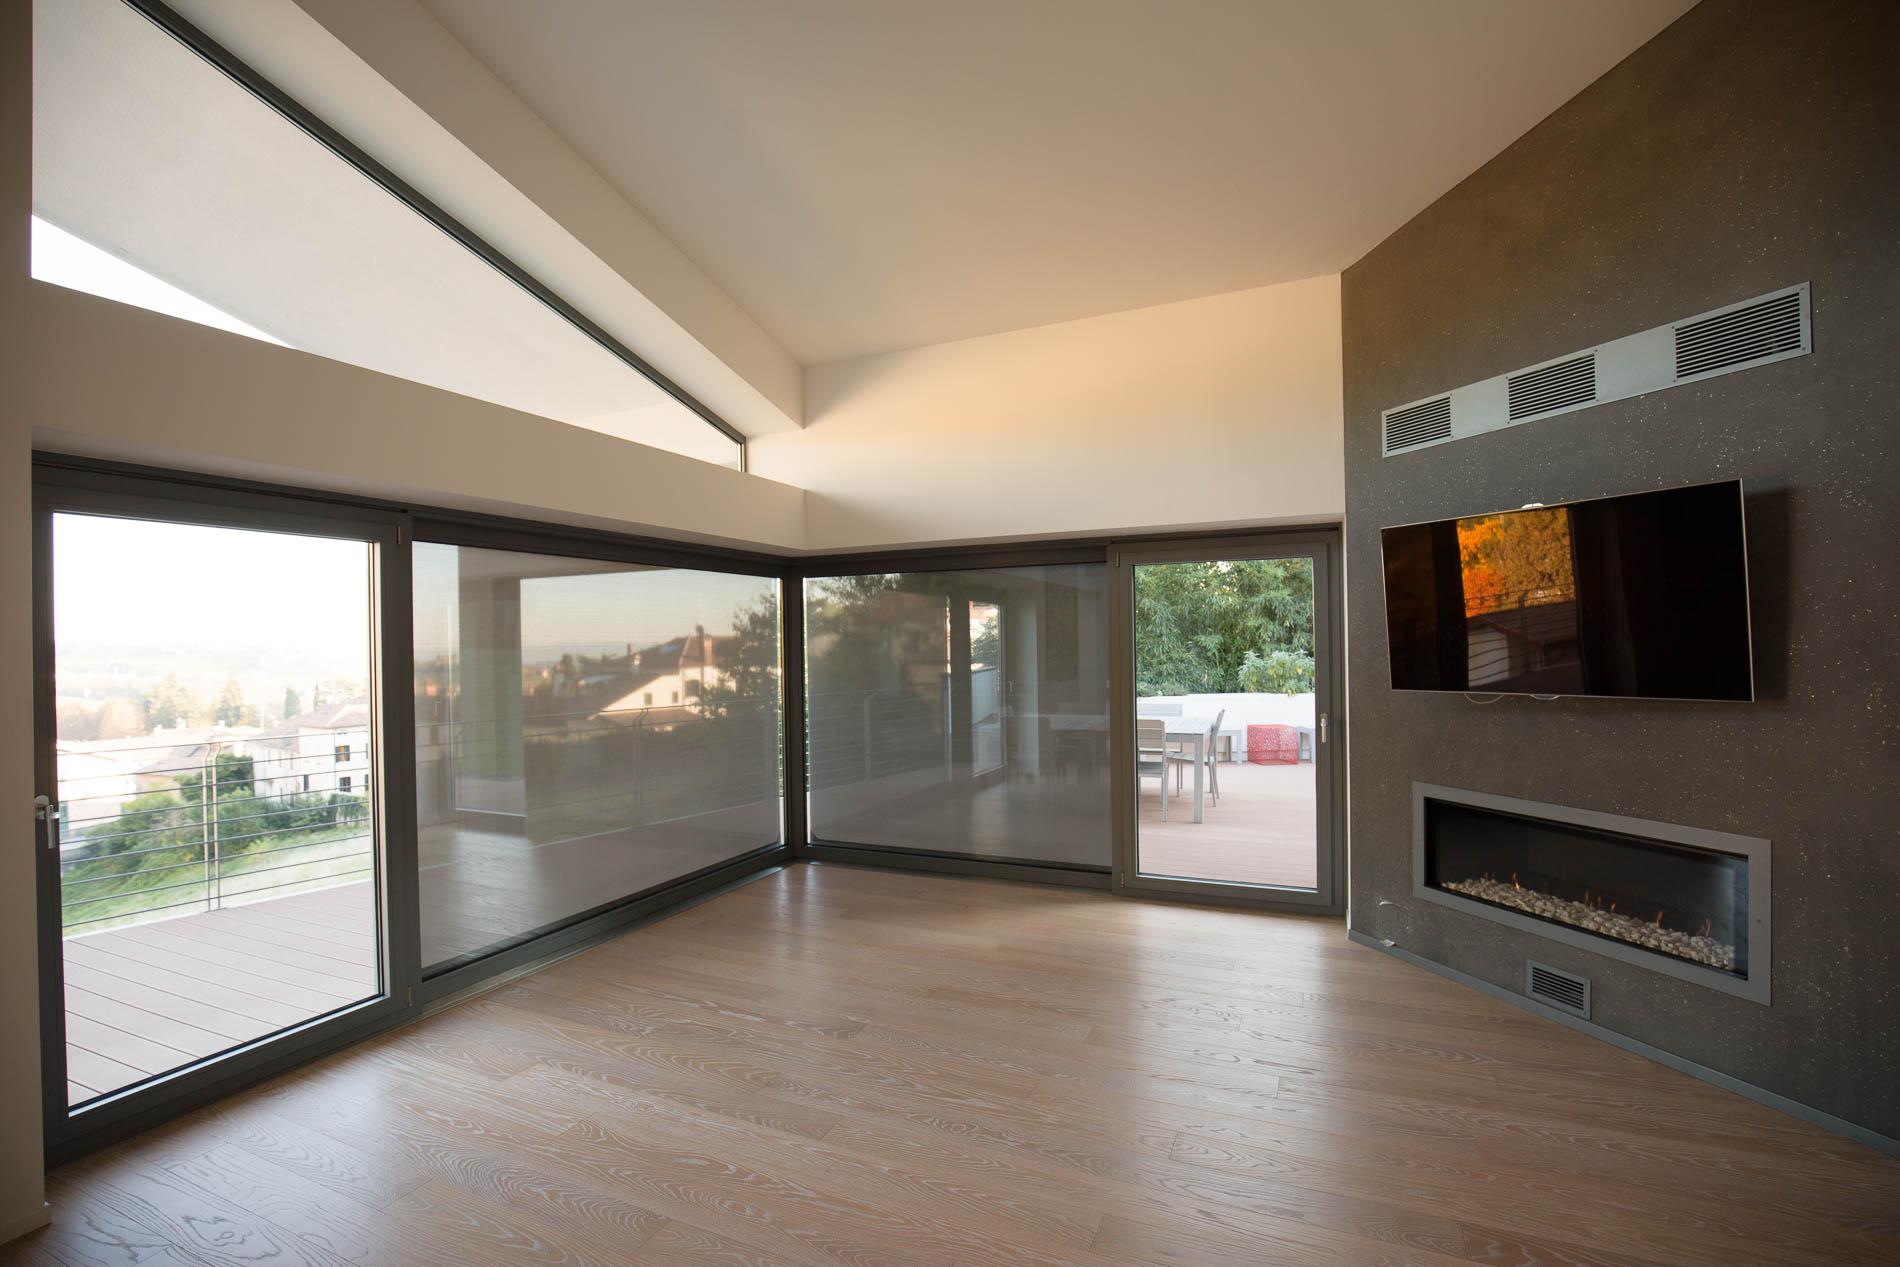 Serramenti scorrevoli per finestre e porte finestre - Dimensioni finestre scorrevoli ...